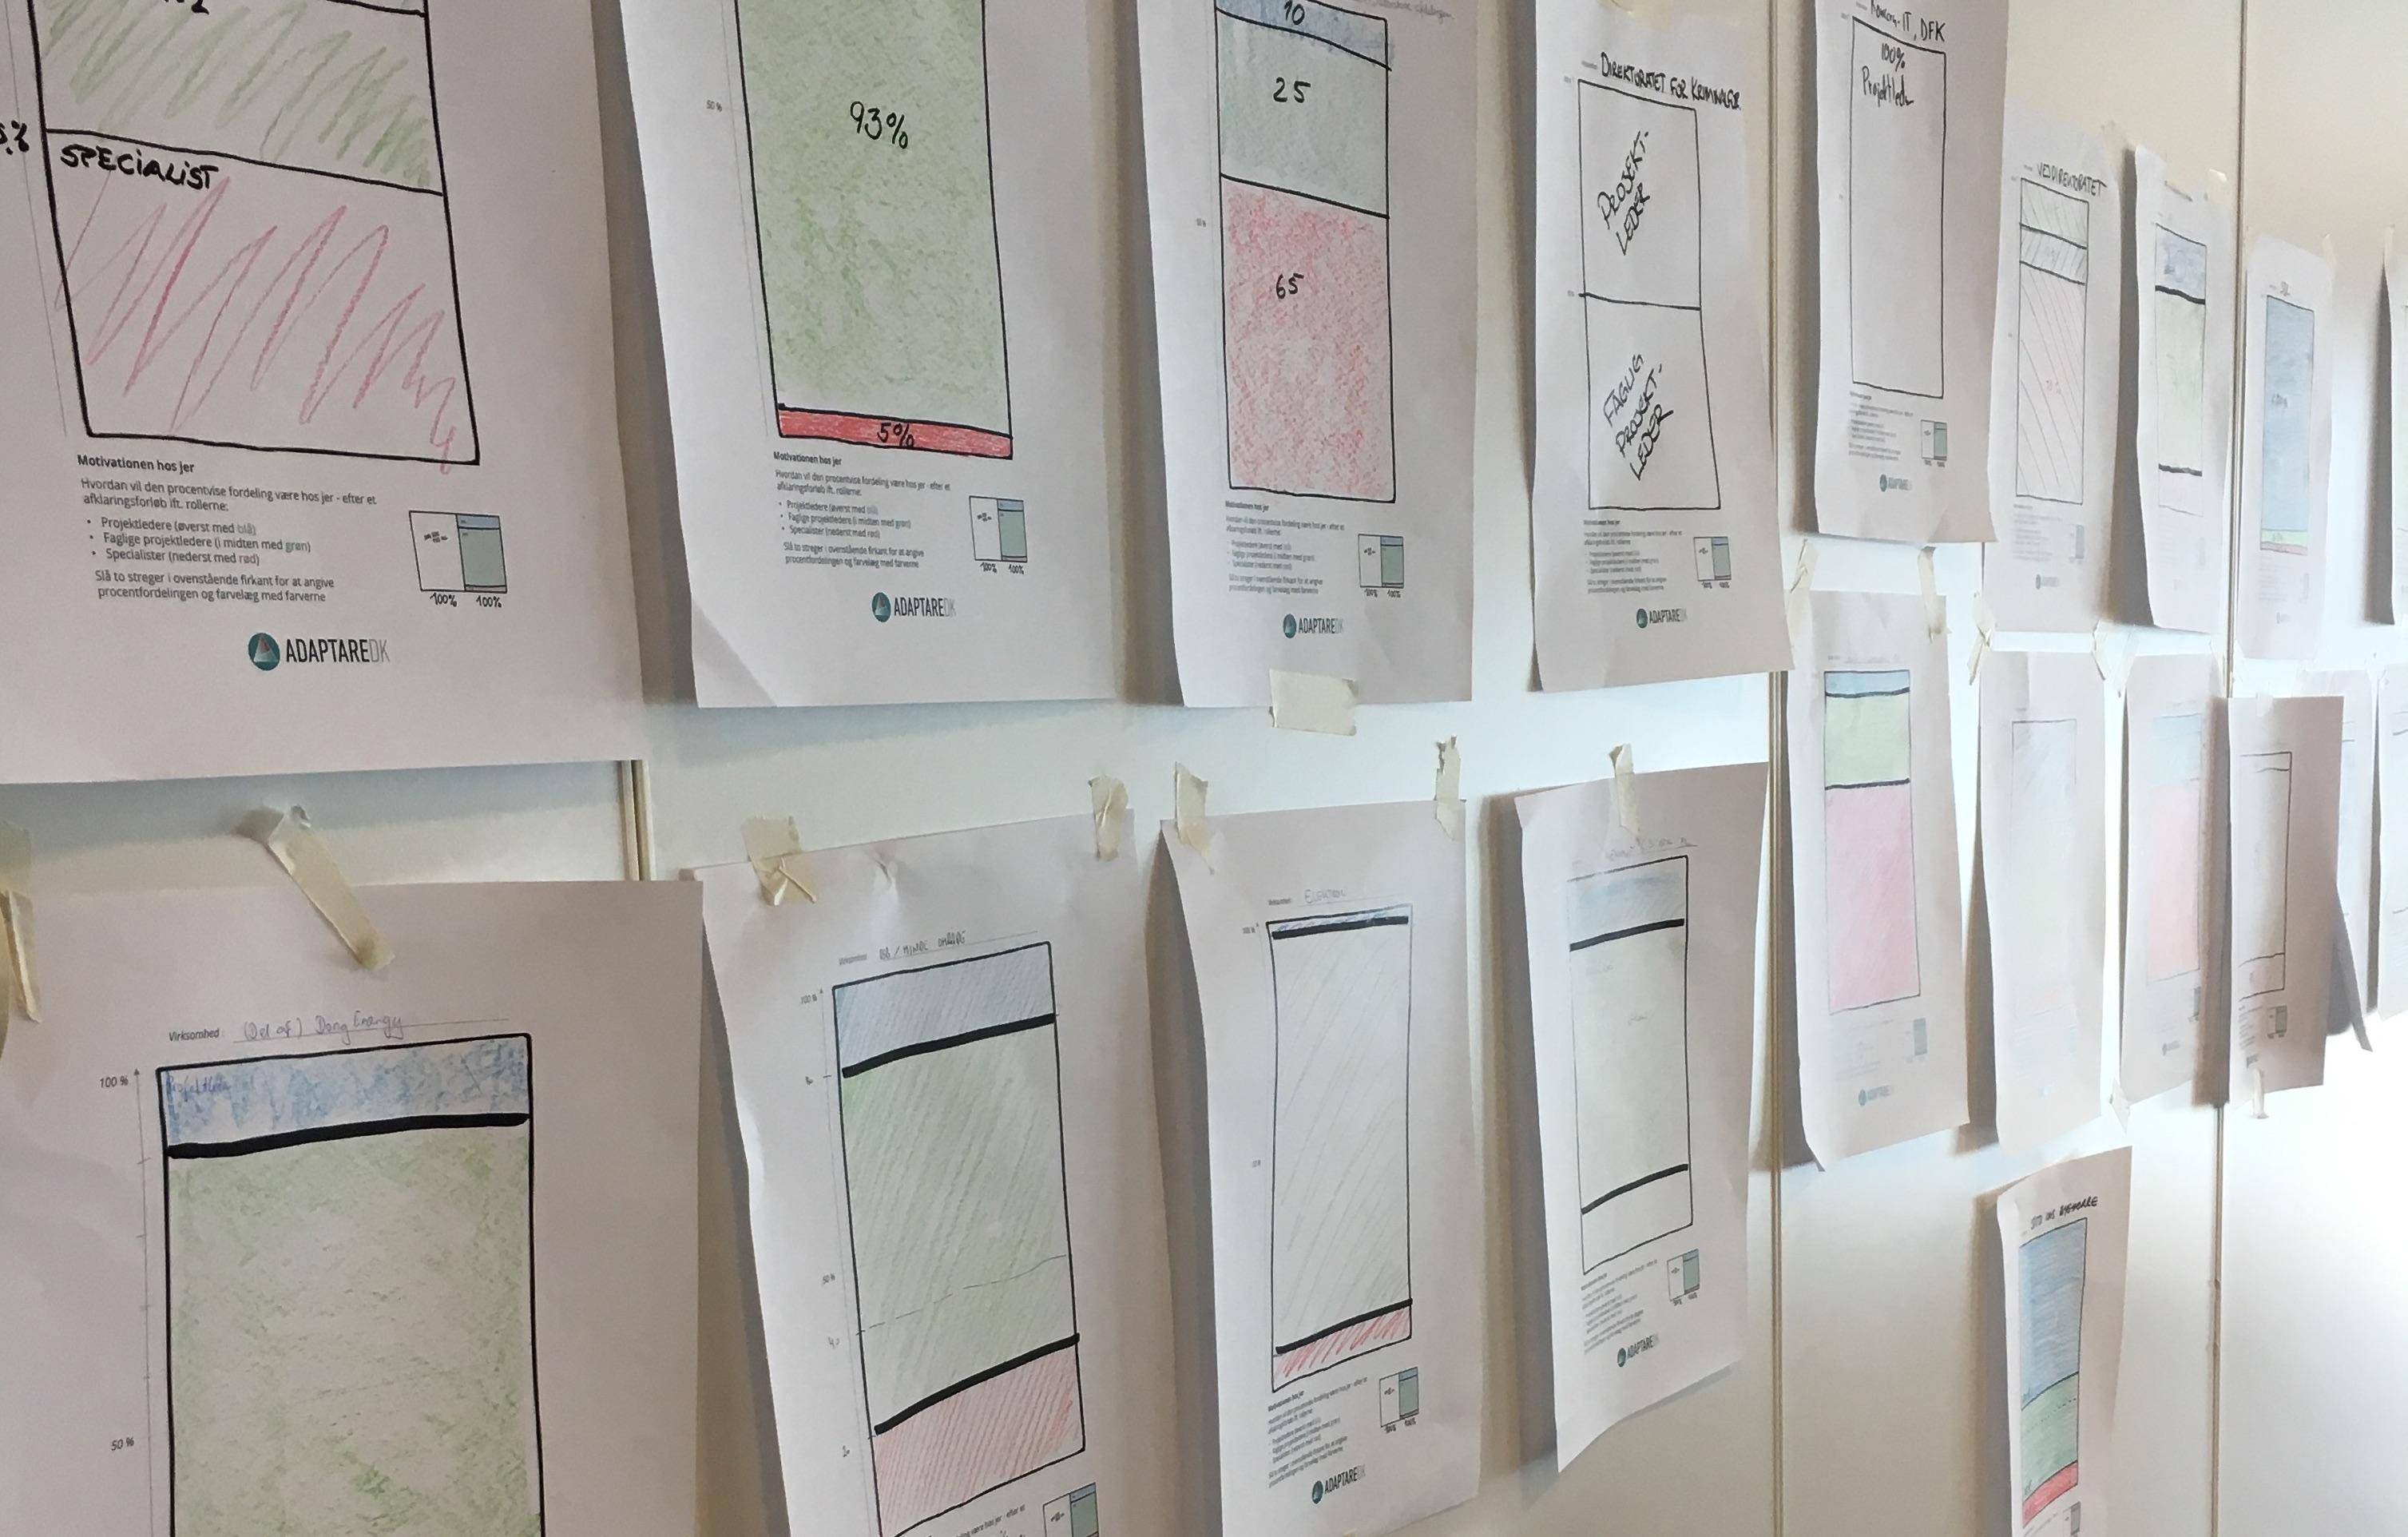 Energinet og deres faglige projektledere